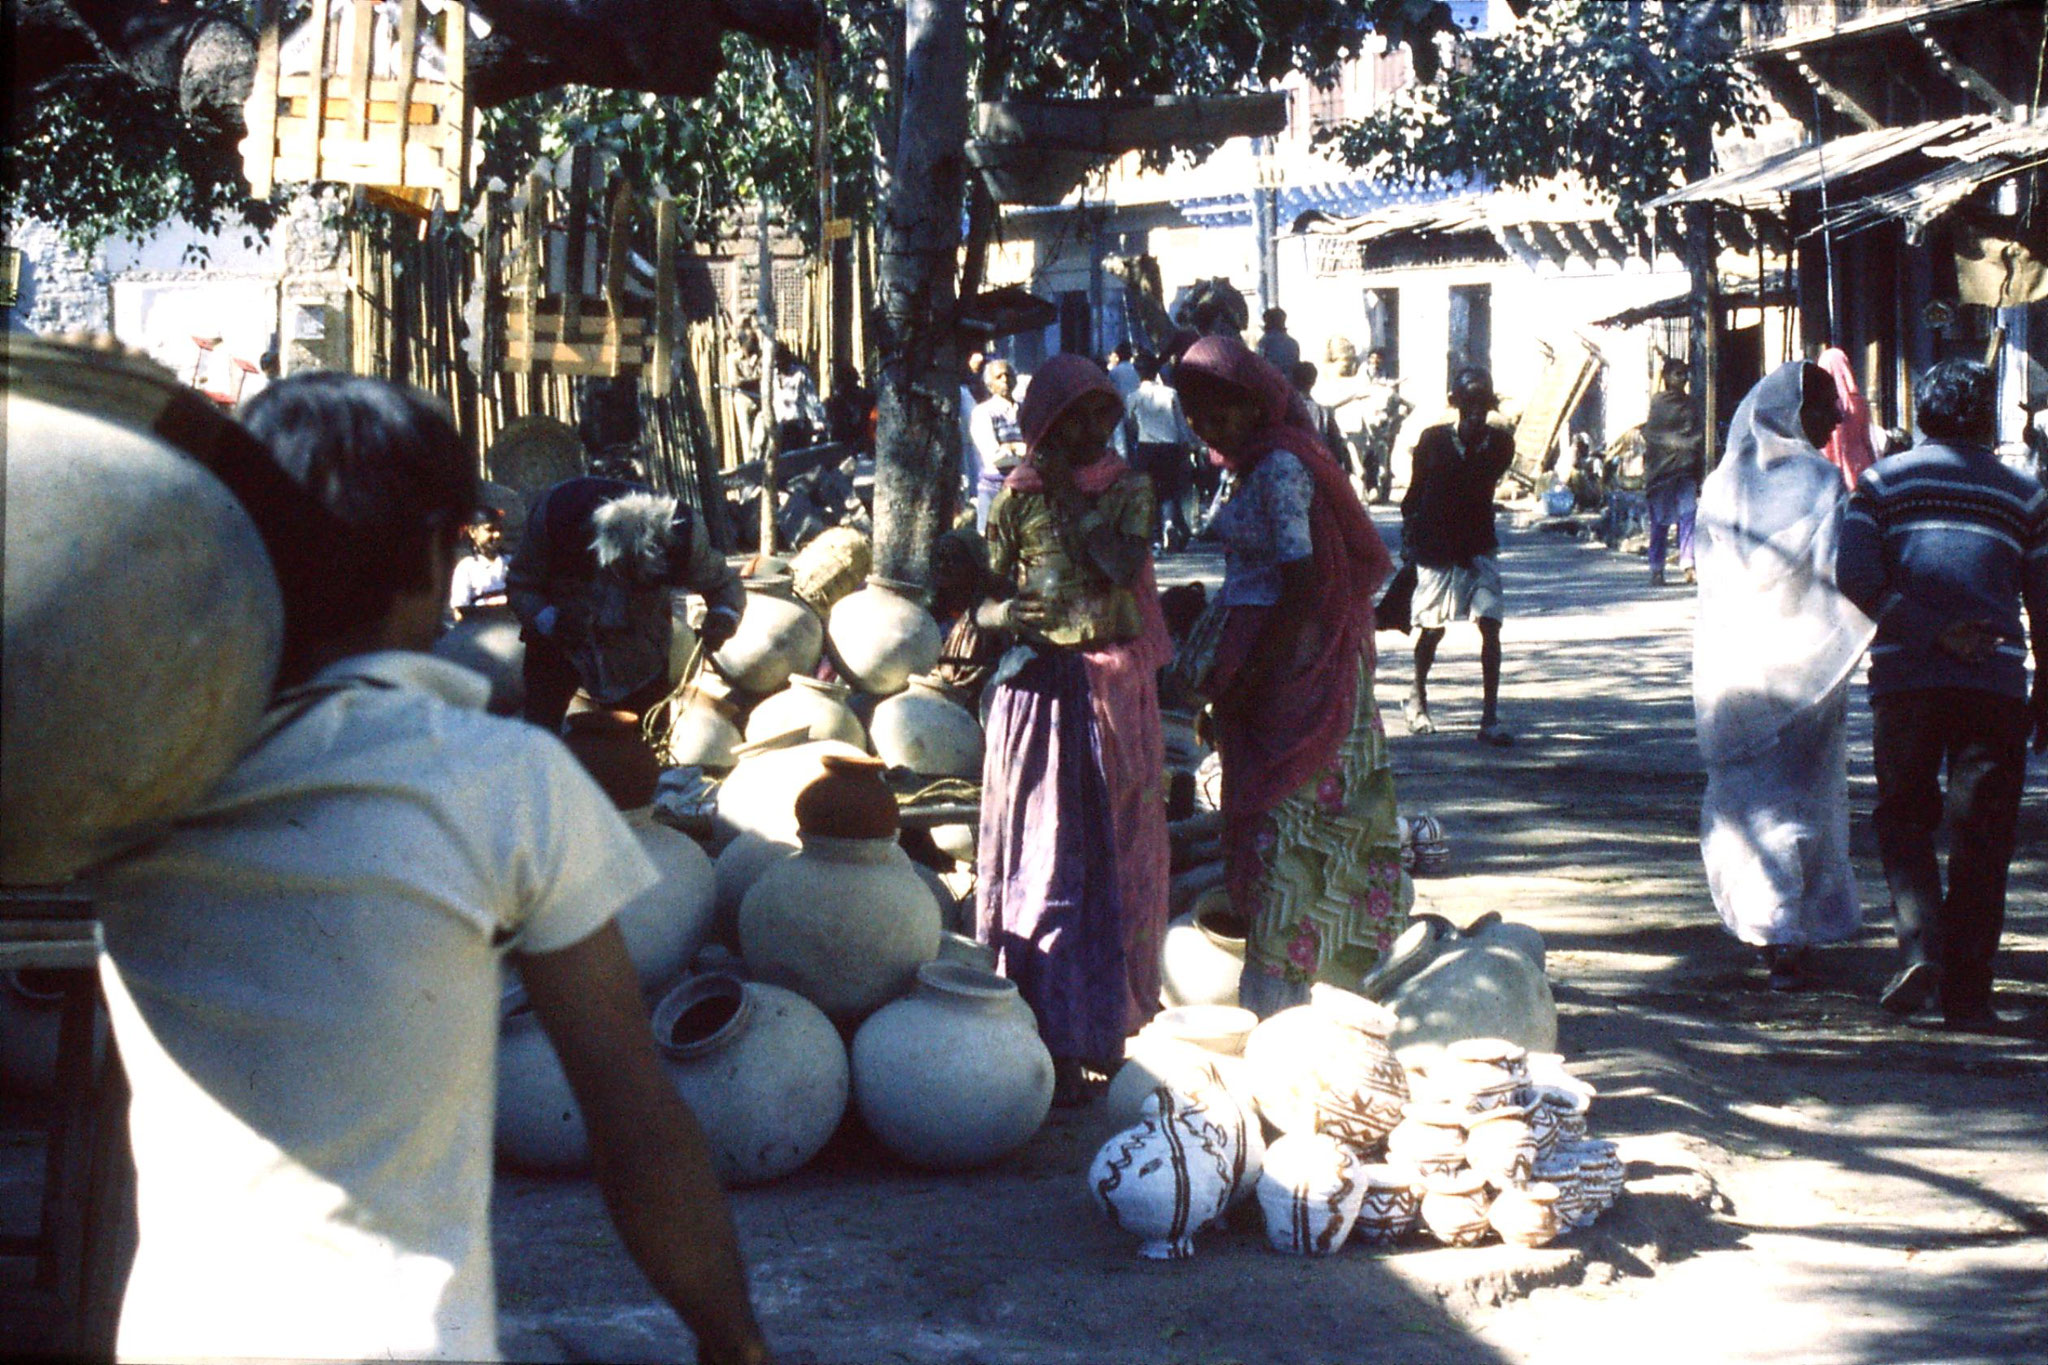 29/11/1989: 5: Jodhpur